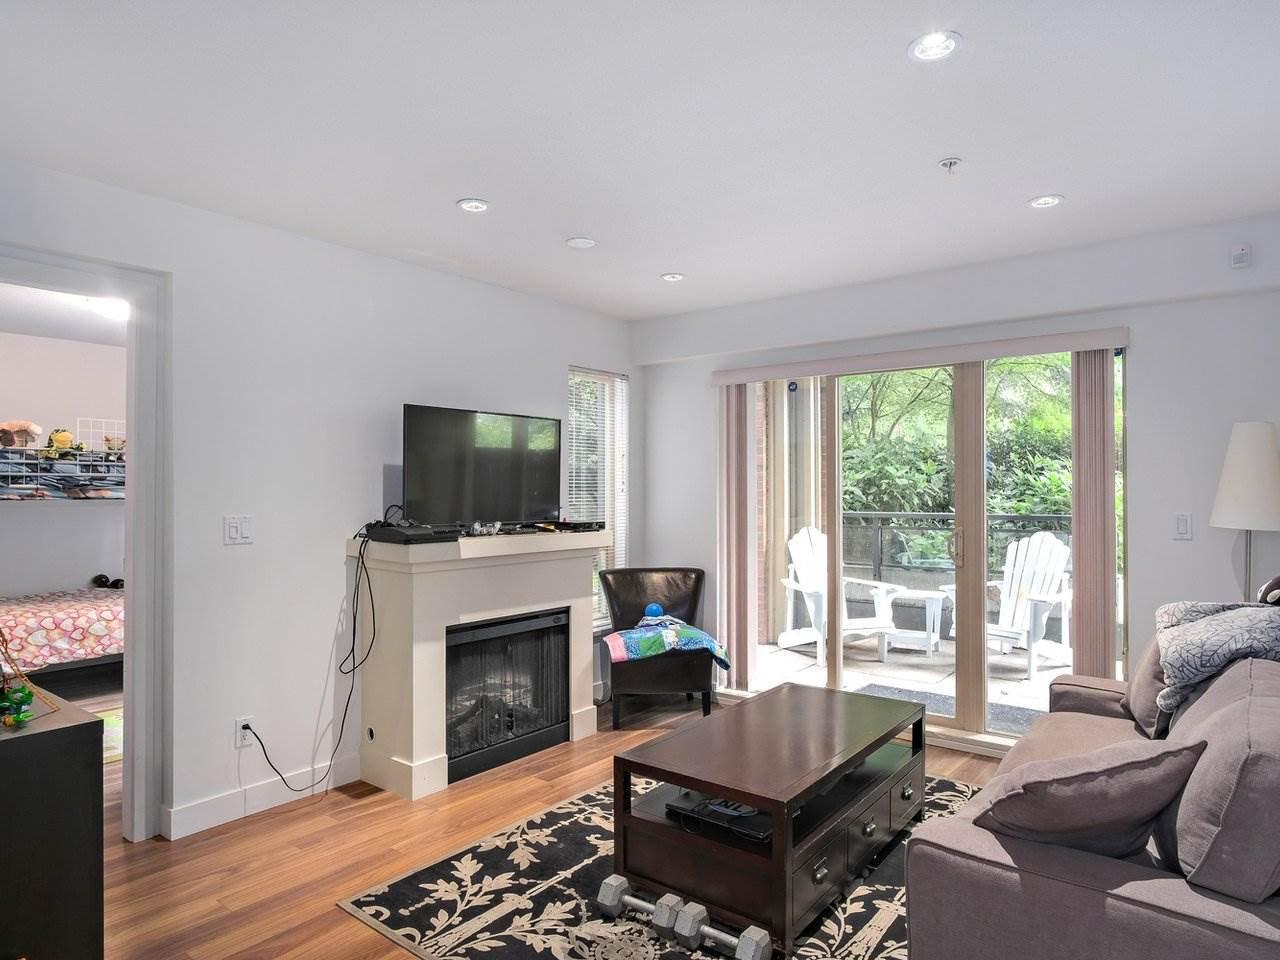 Main Photo: 228 1633 MACKAY Avenue in North Vancouver: Pemberton NV Condo for sale : MLS®# R2372956